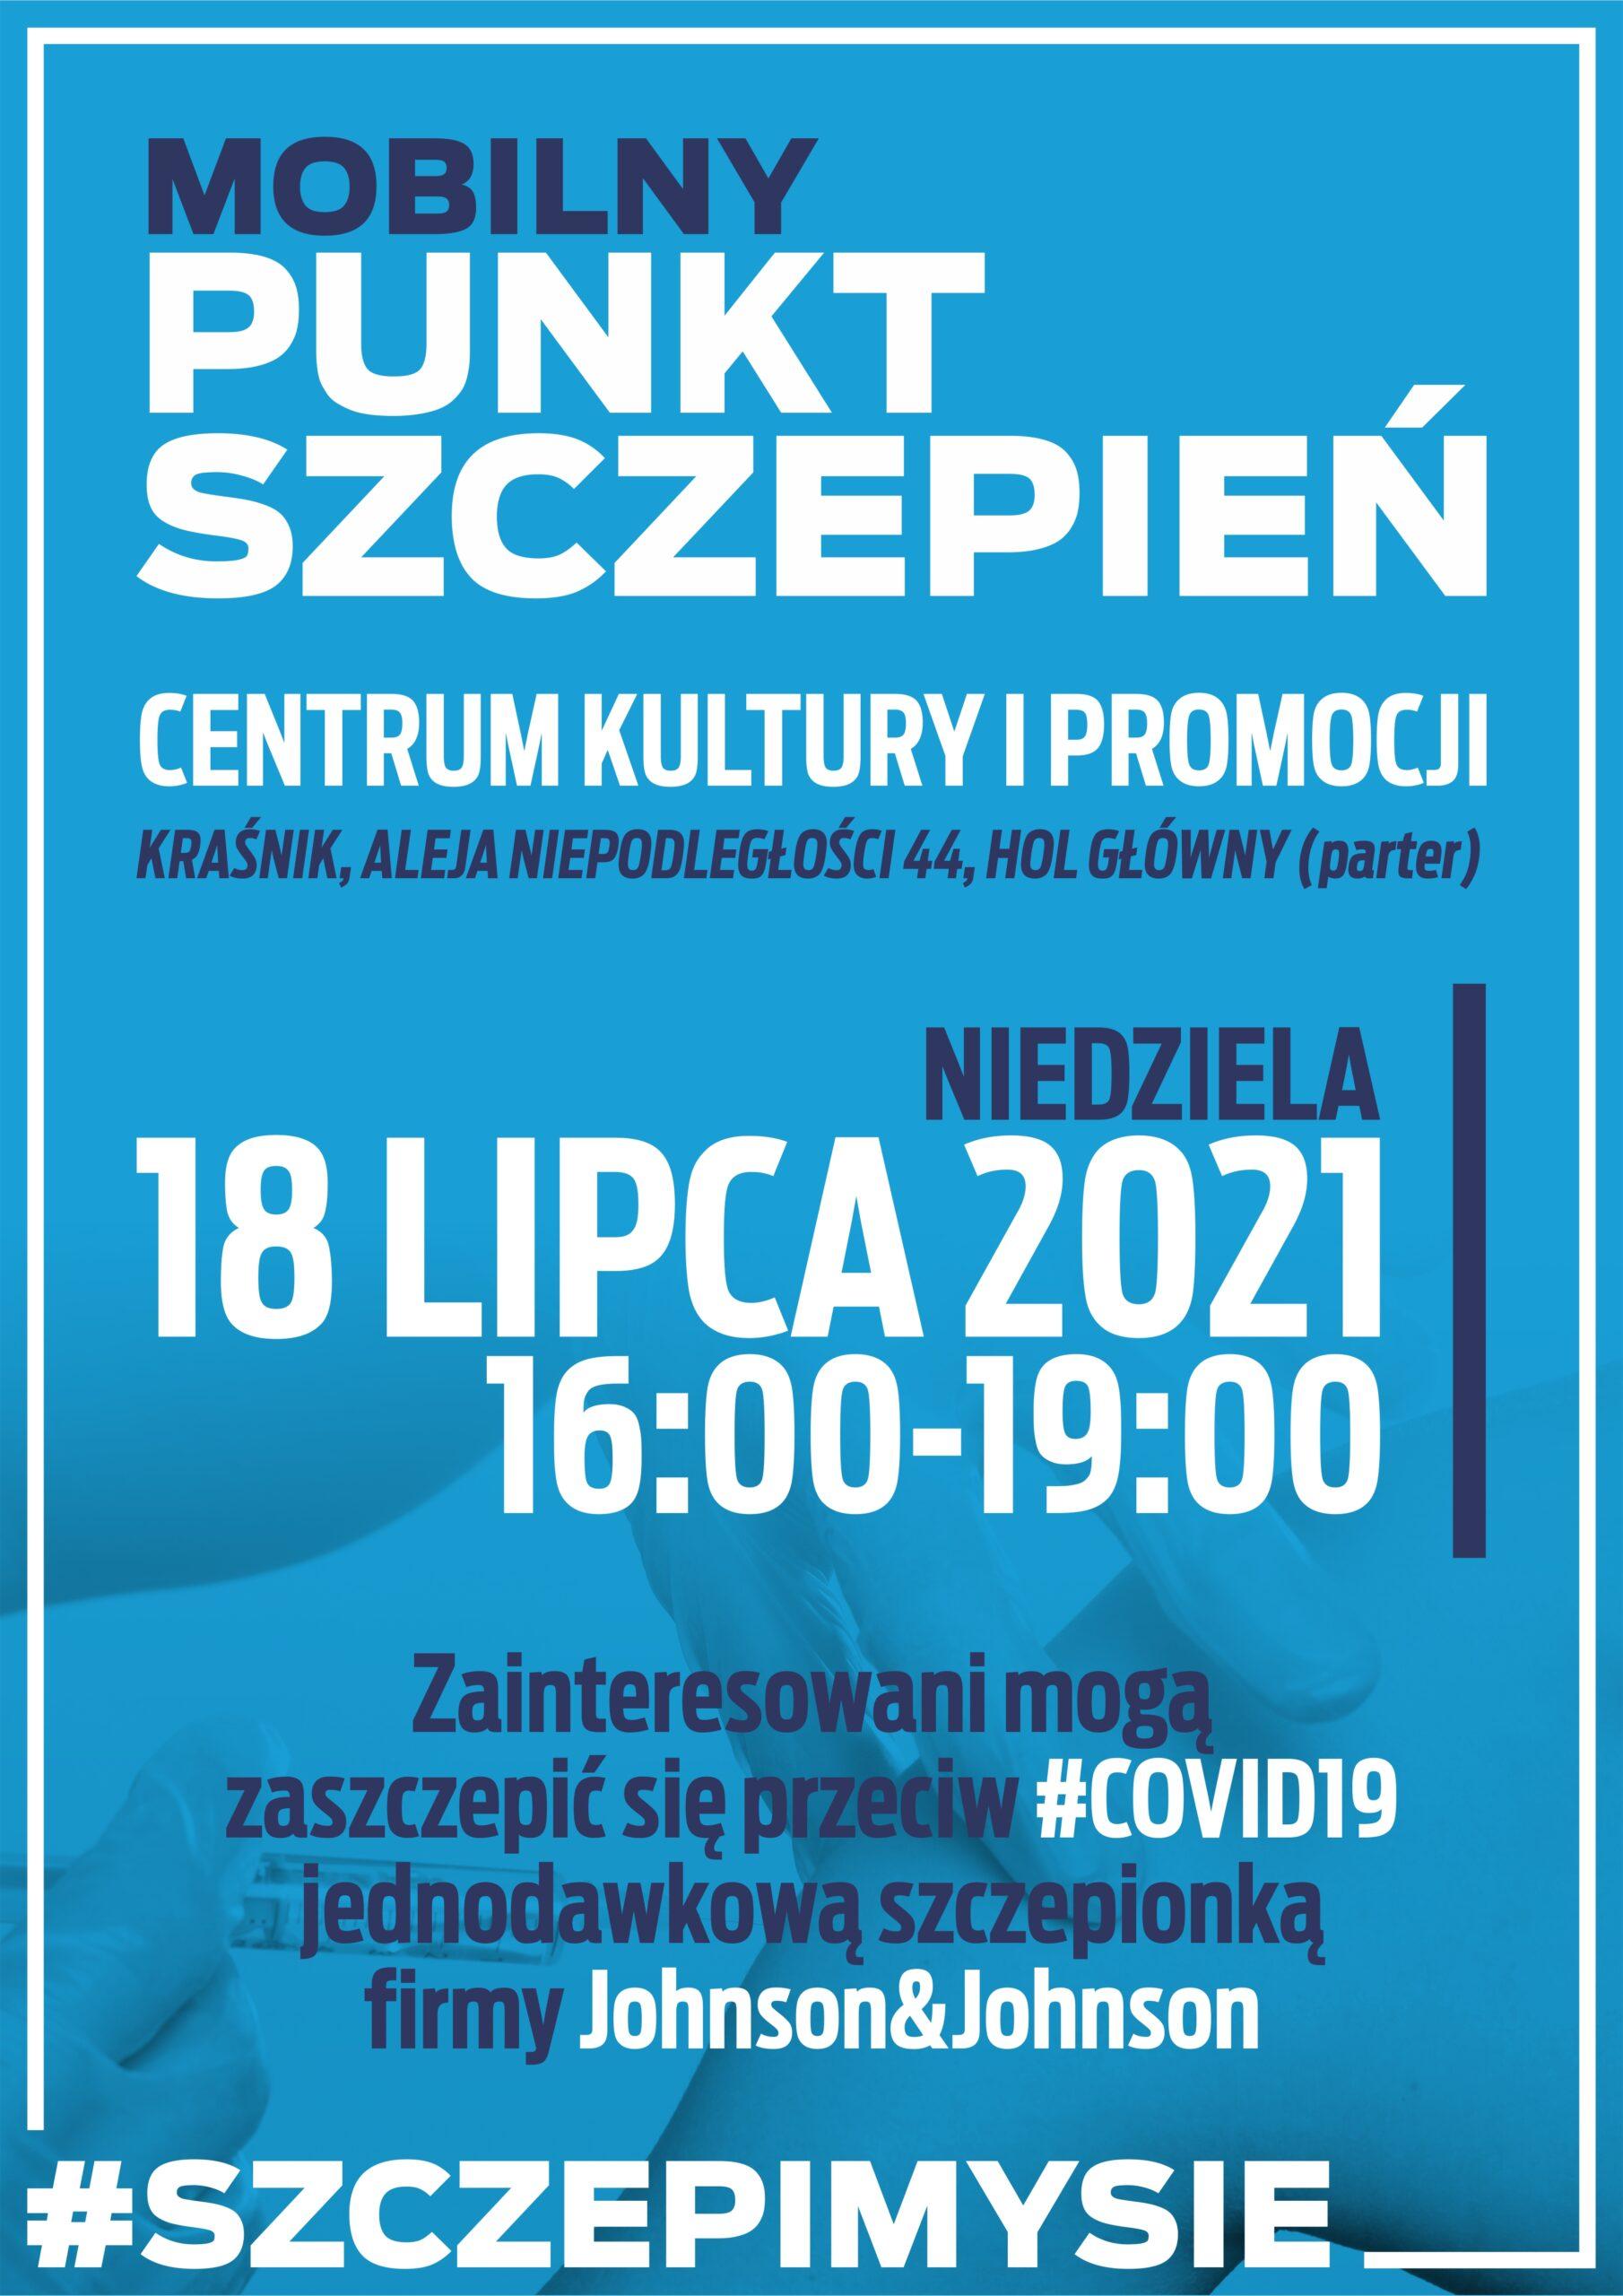 Mobilny punkt szczepień -CKiP w Kraśniku